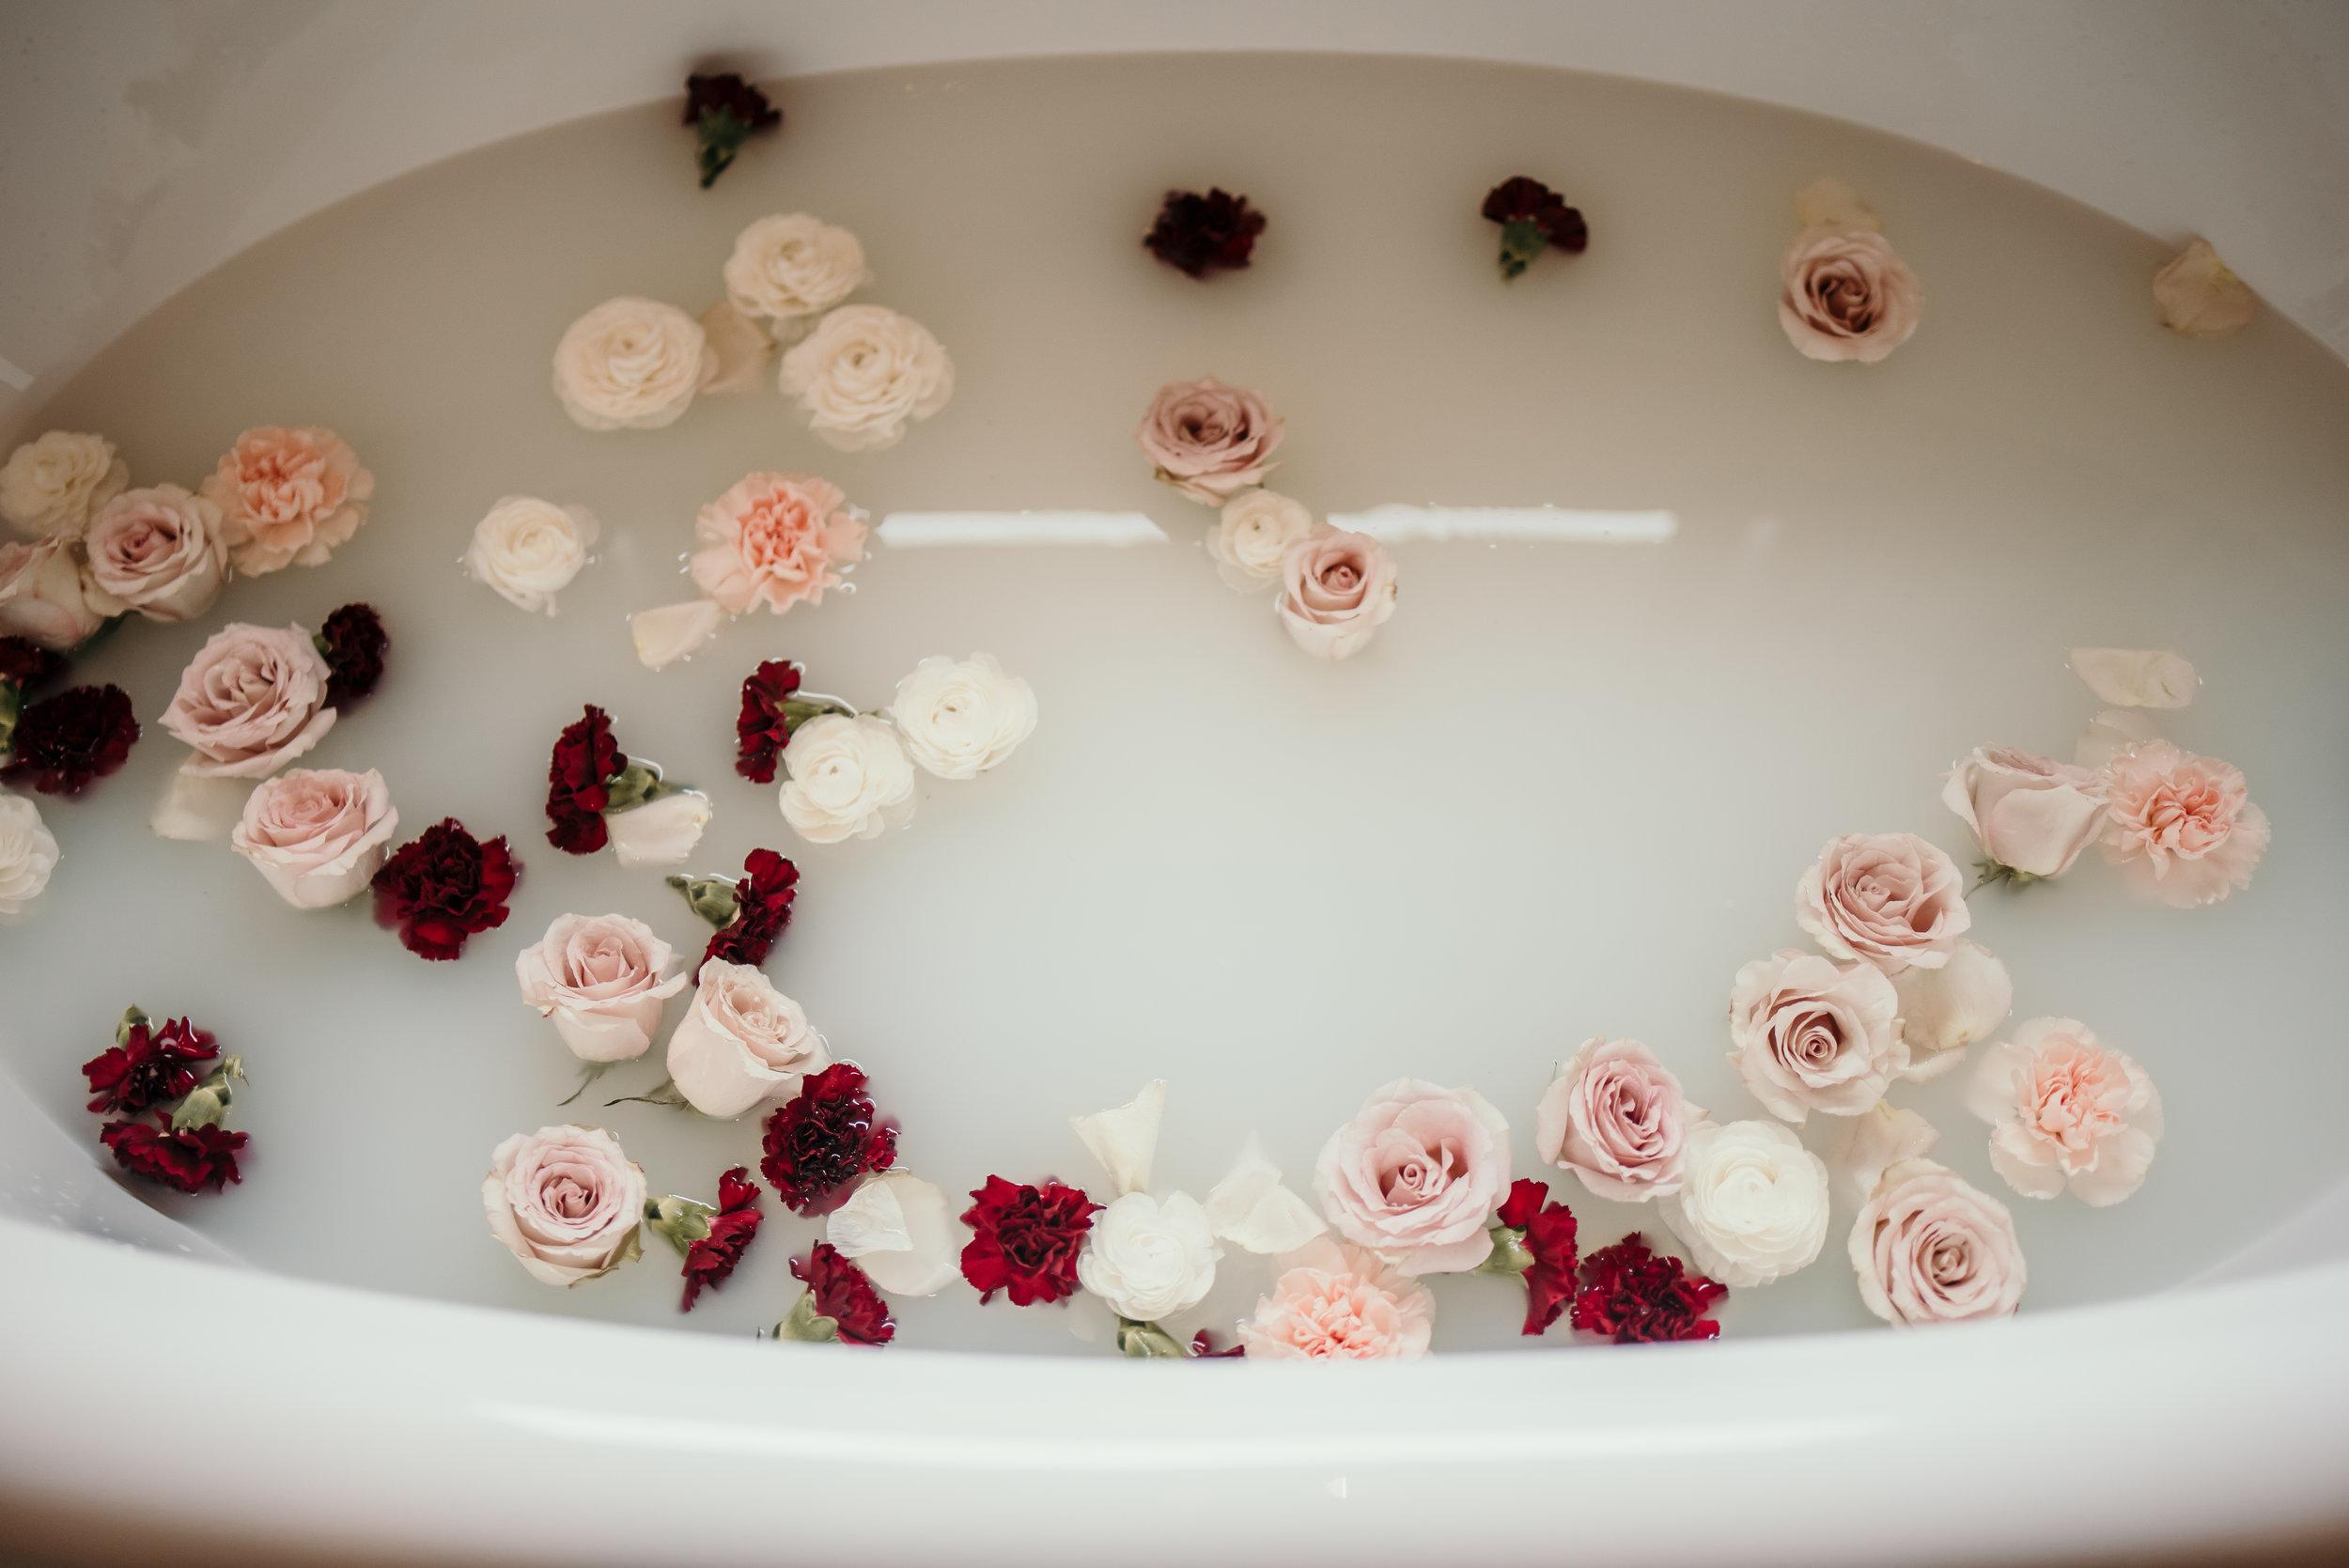 milkbath-24.jpg